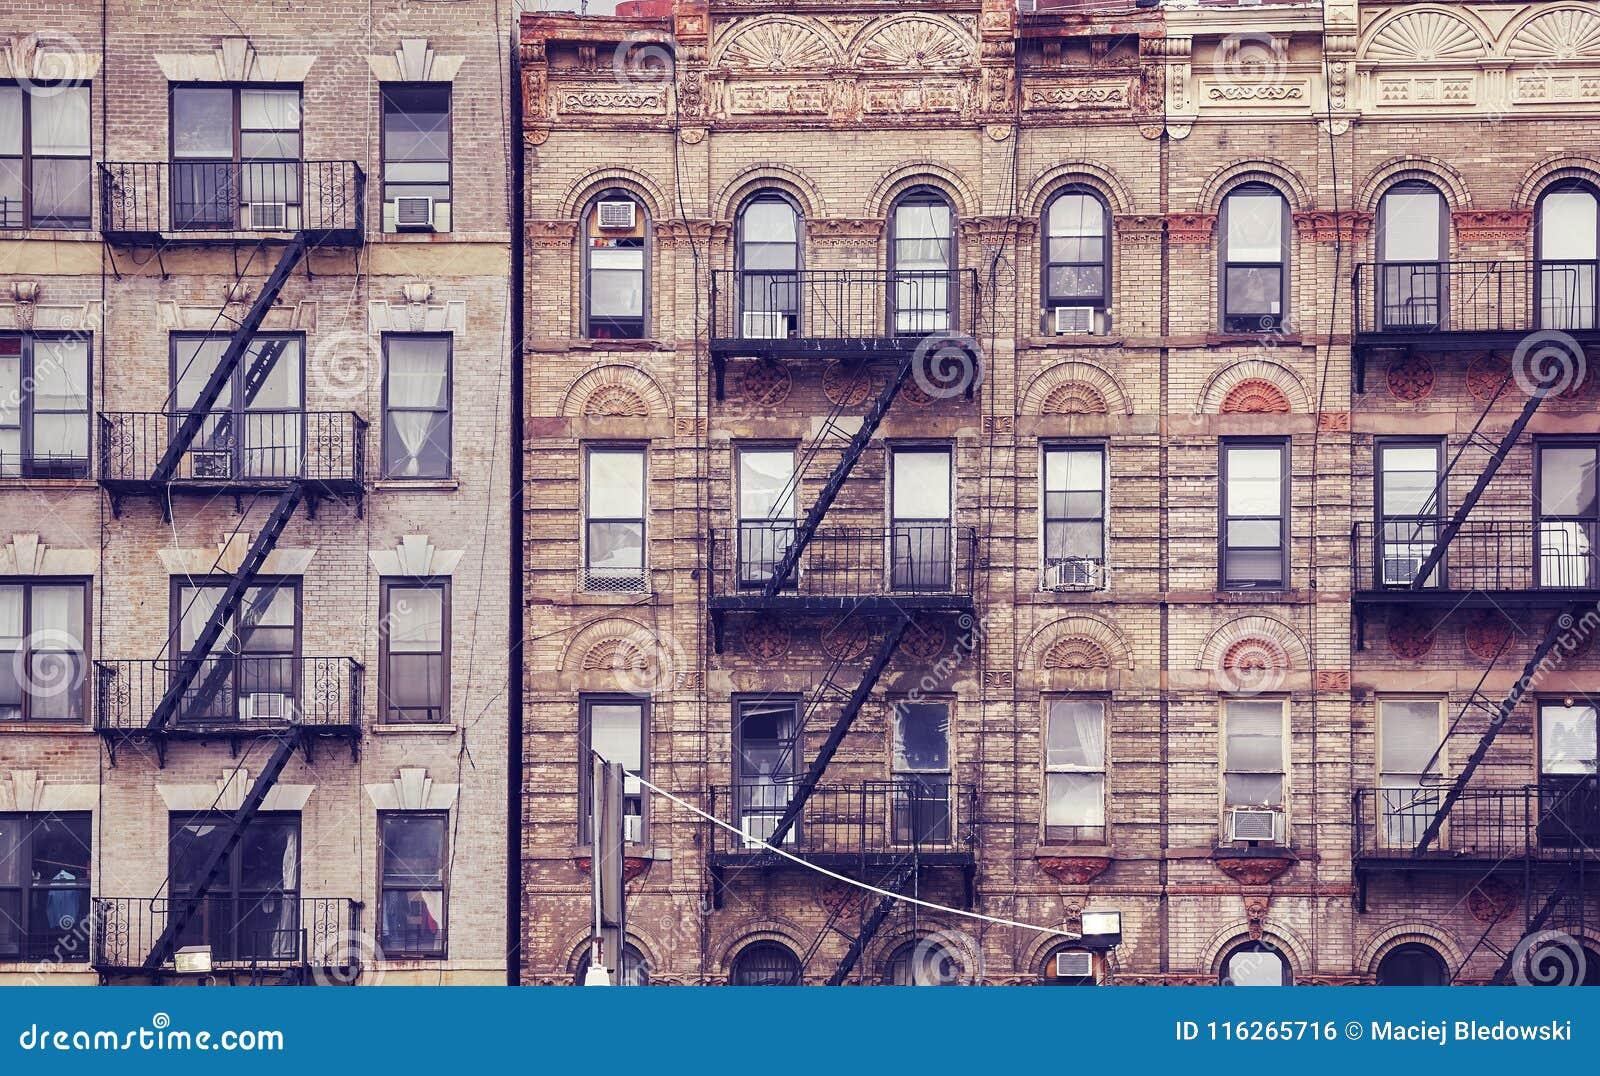 Vieux bâtiments avec des sorties de secours à New York City